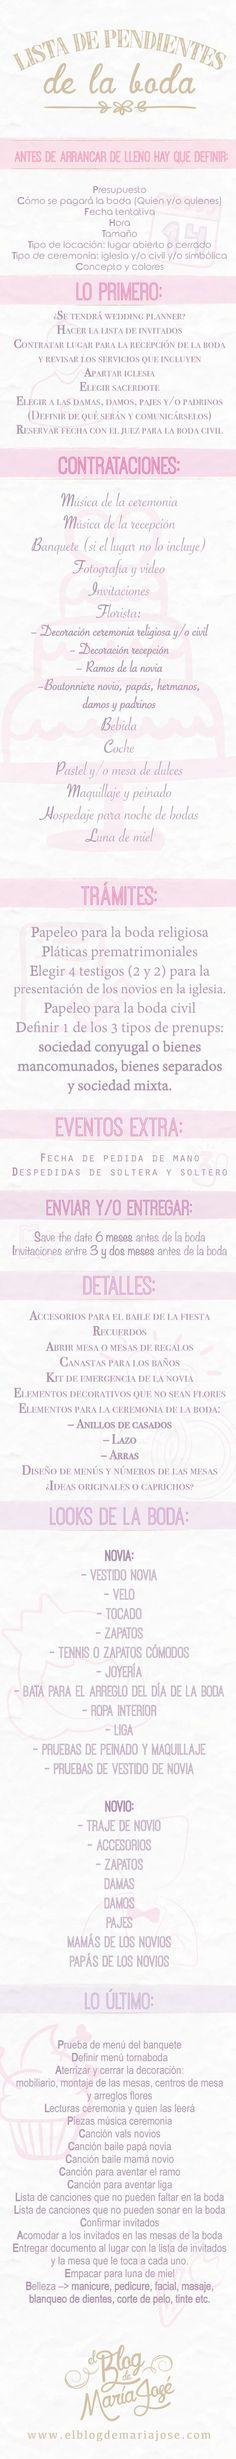 ¡Qué no te falte nada para el gran día! Checa esta lista de pendientes para la boda #bodas #ElBlogdeMaríaJosé #ListaPendientesBoda